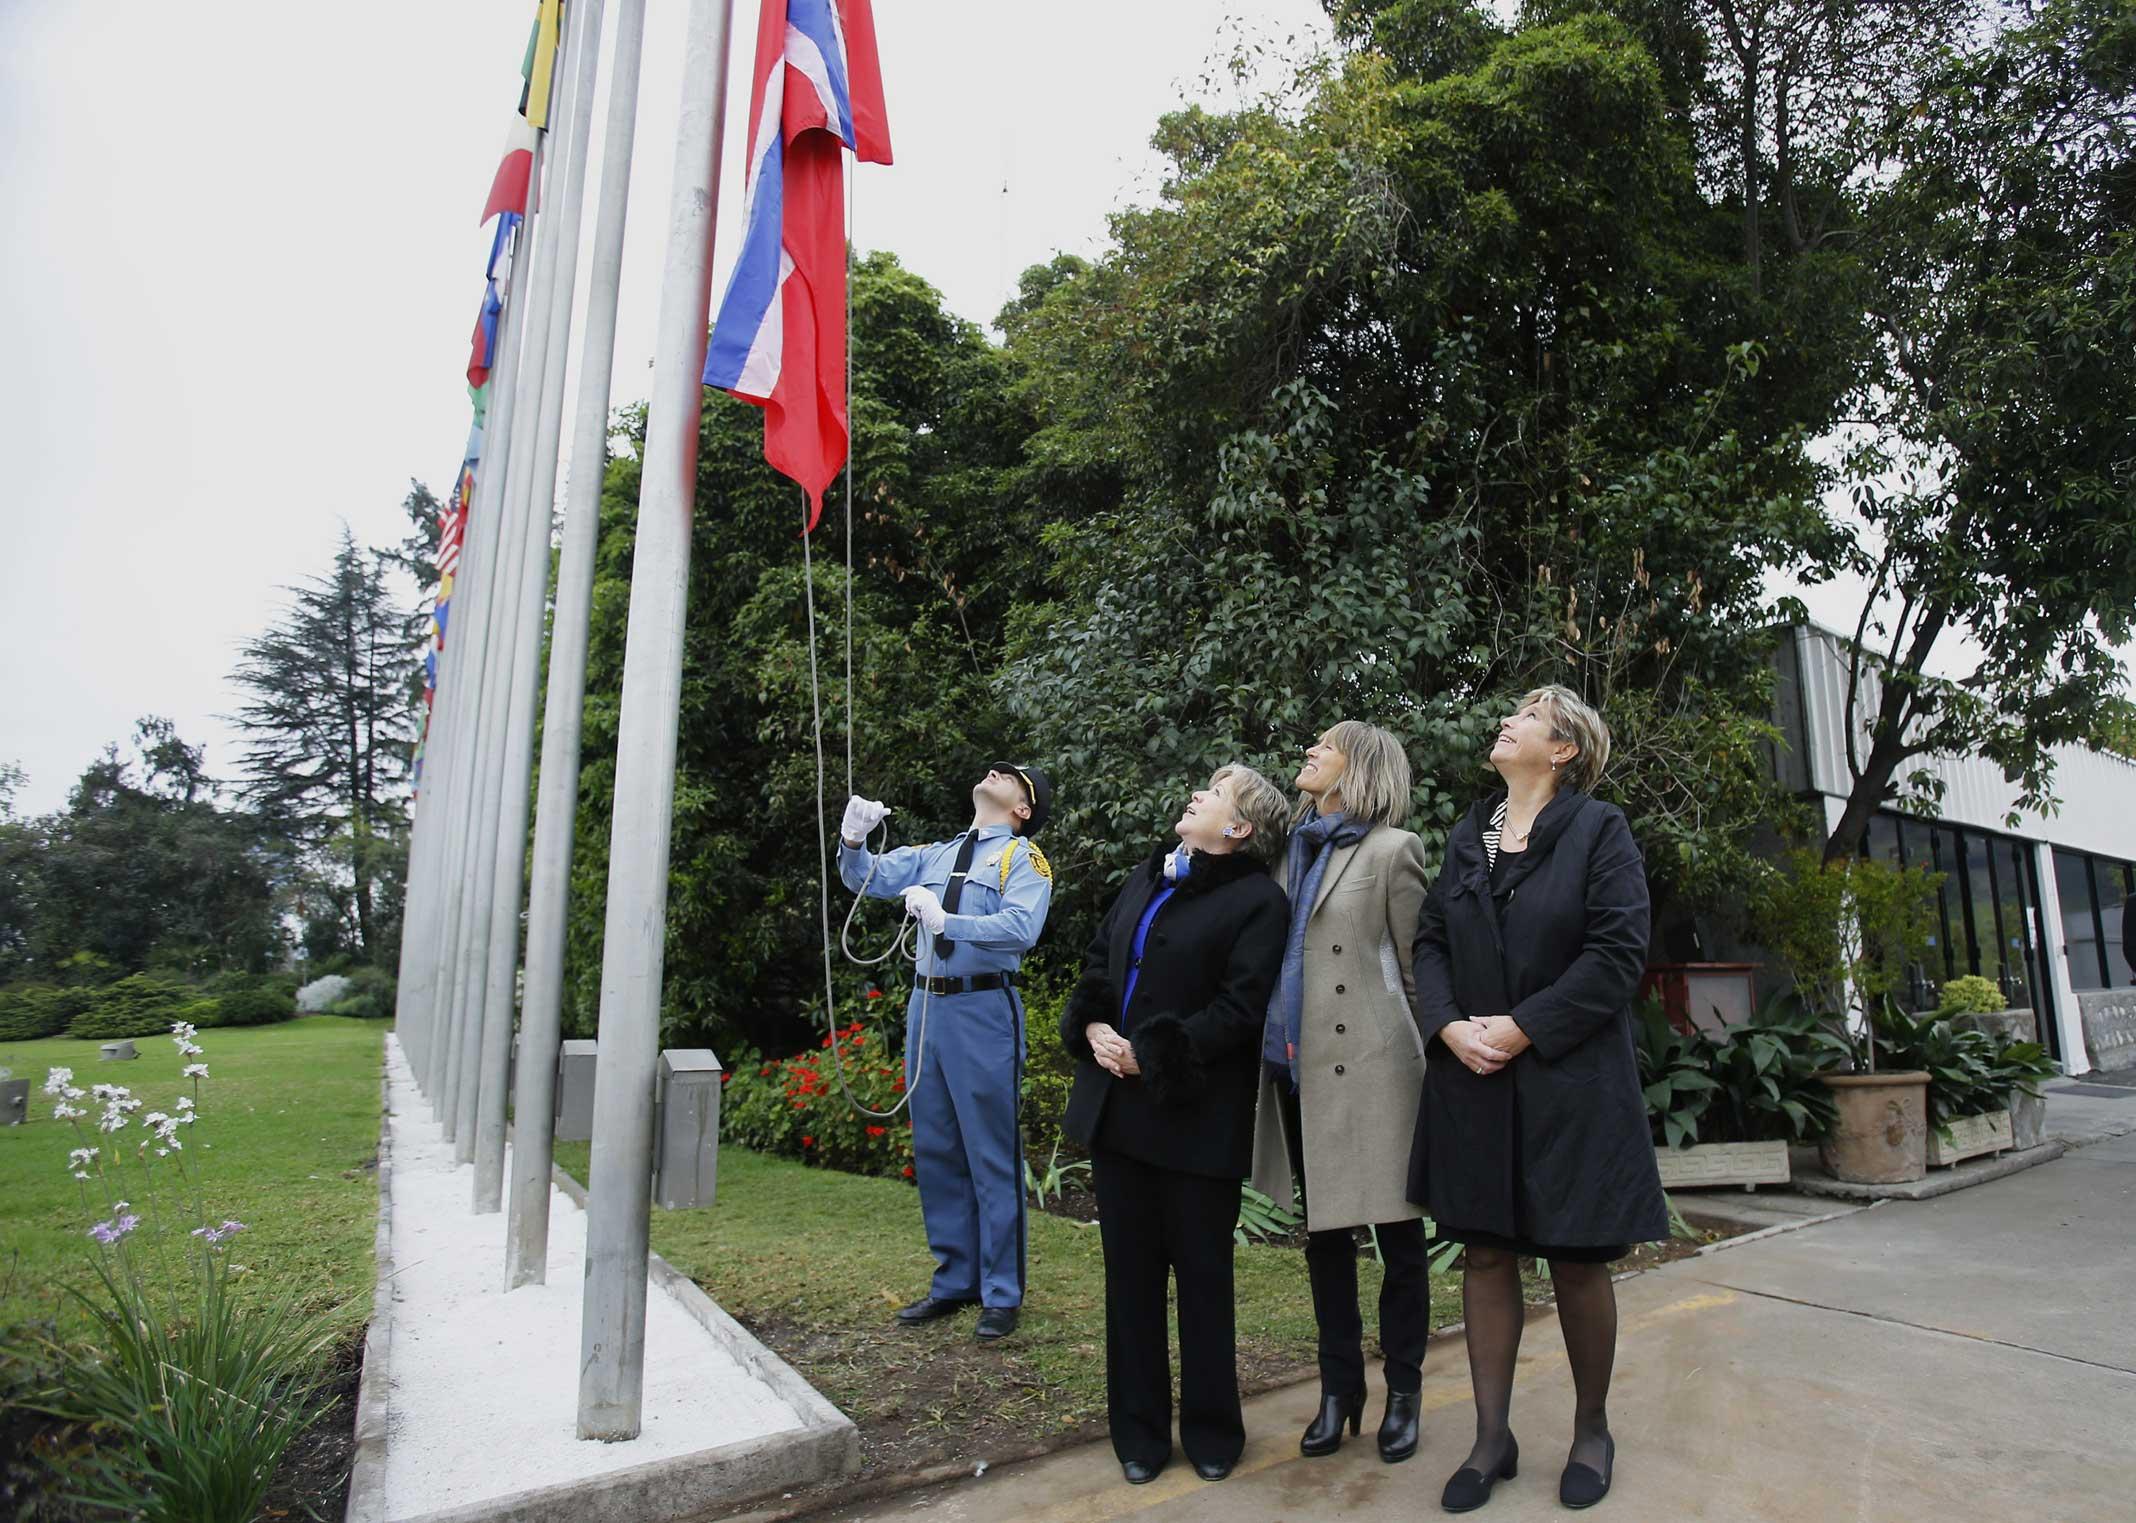 La bandera de Noruega fue izada por primera vez en las dependencias de la sede central de la Comisión Económica para América Latina y el Caribe (Cepal) en Santiago, Chile